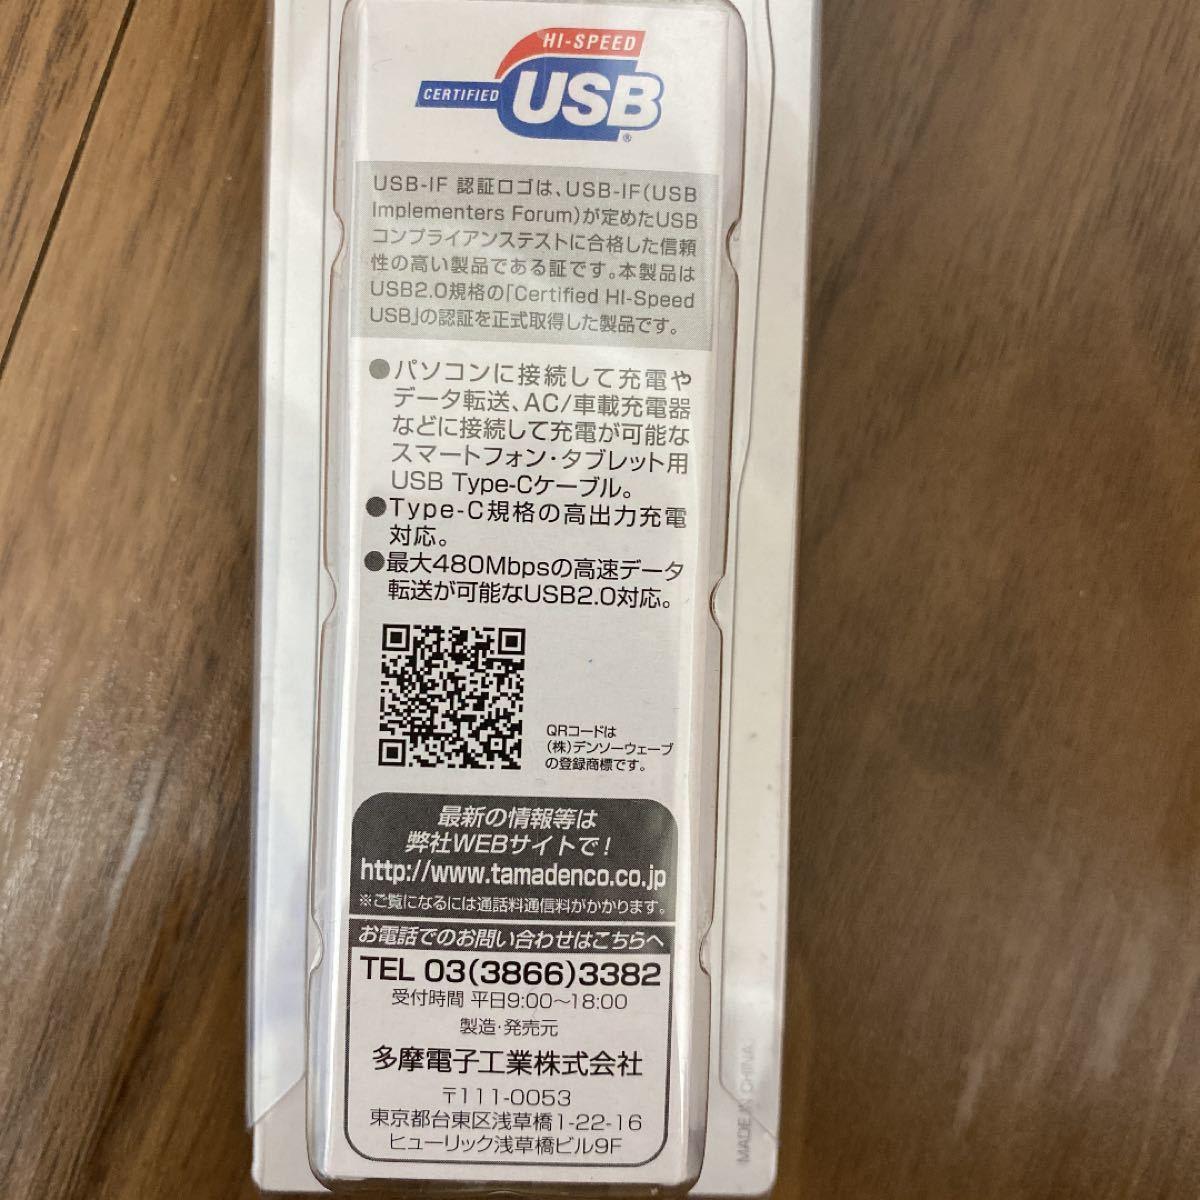 USB Type-C ケーブル 1m AH223C10W 通信ケーブル 充電ケーブル